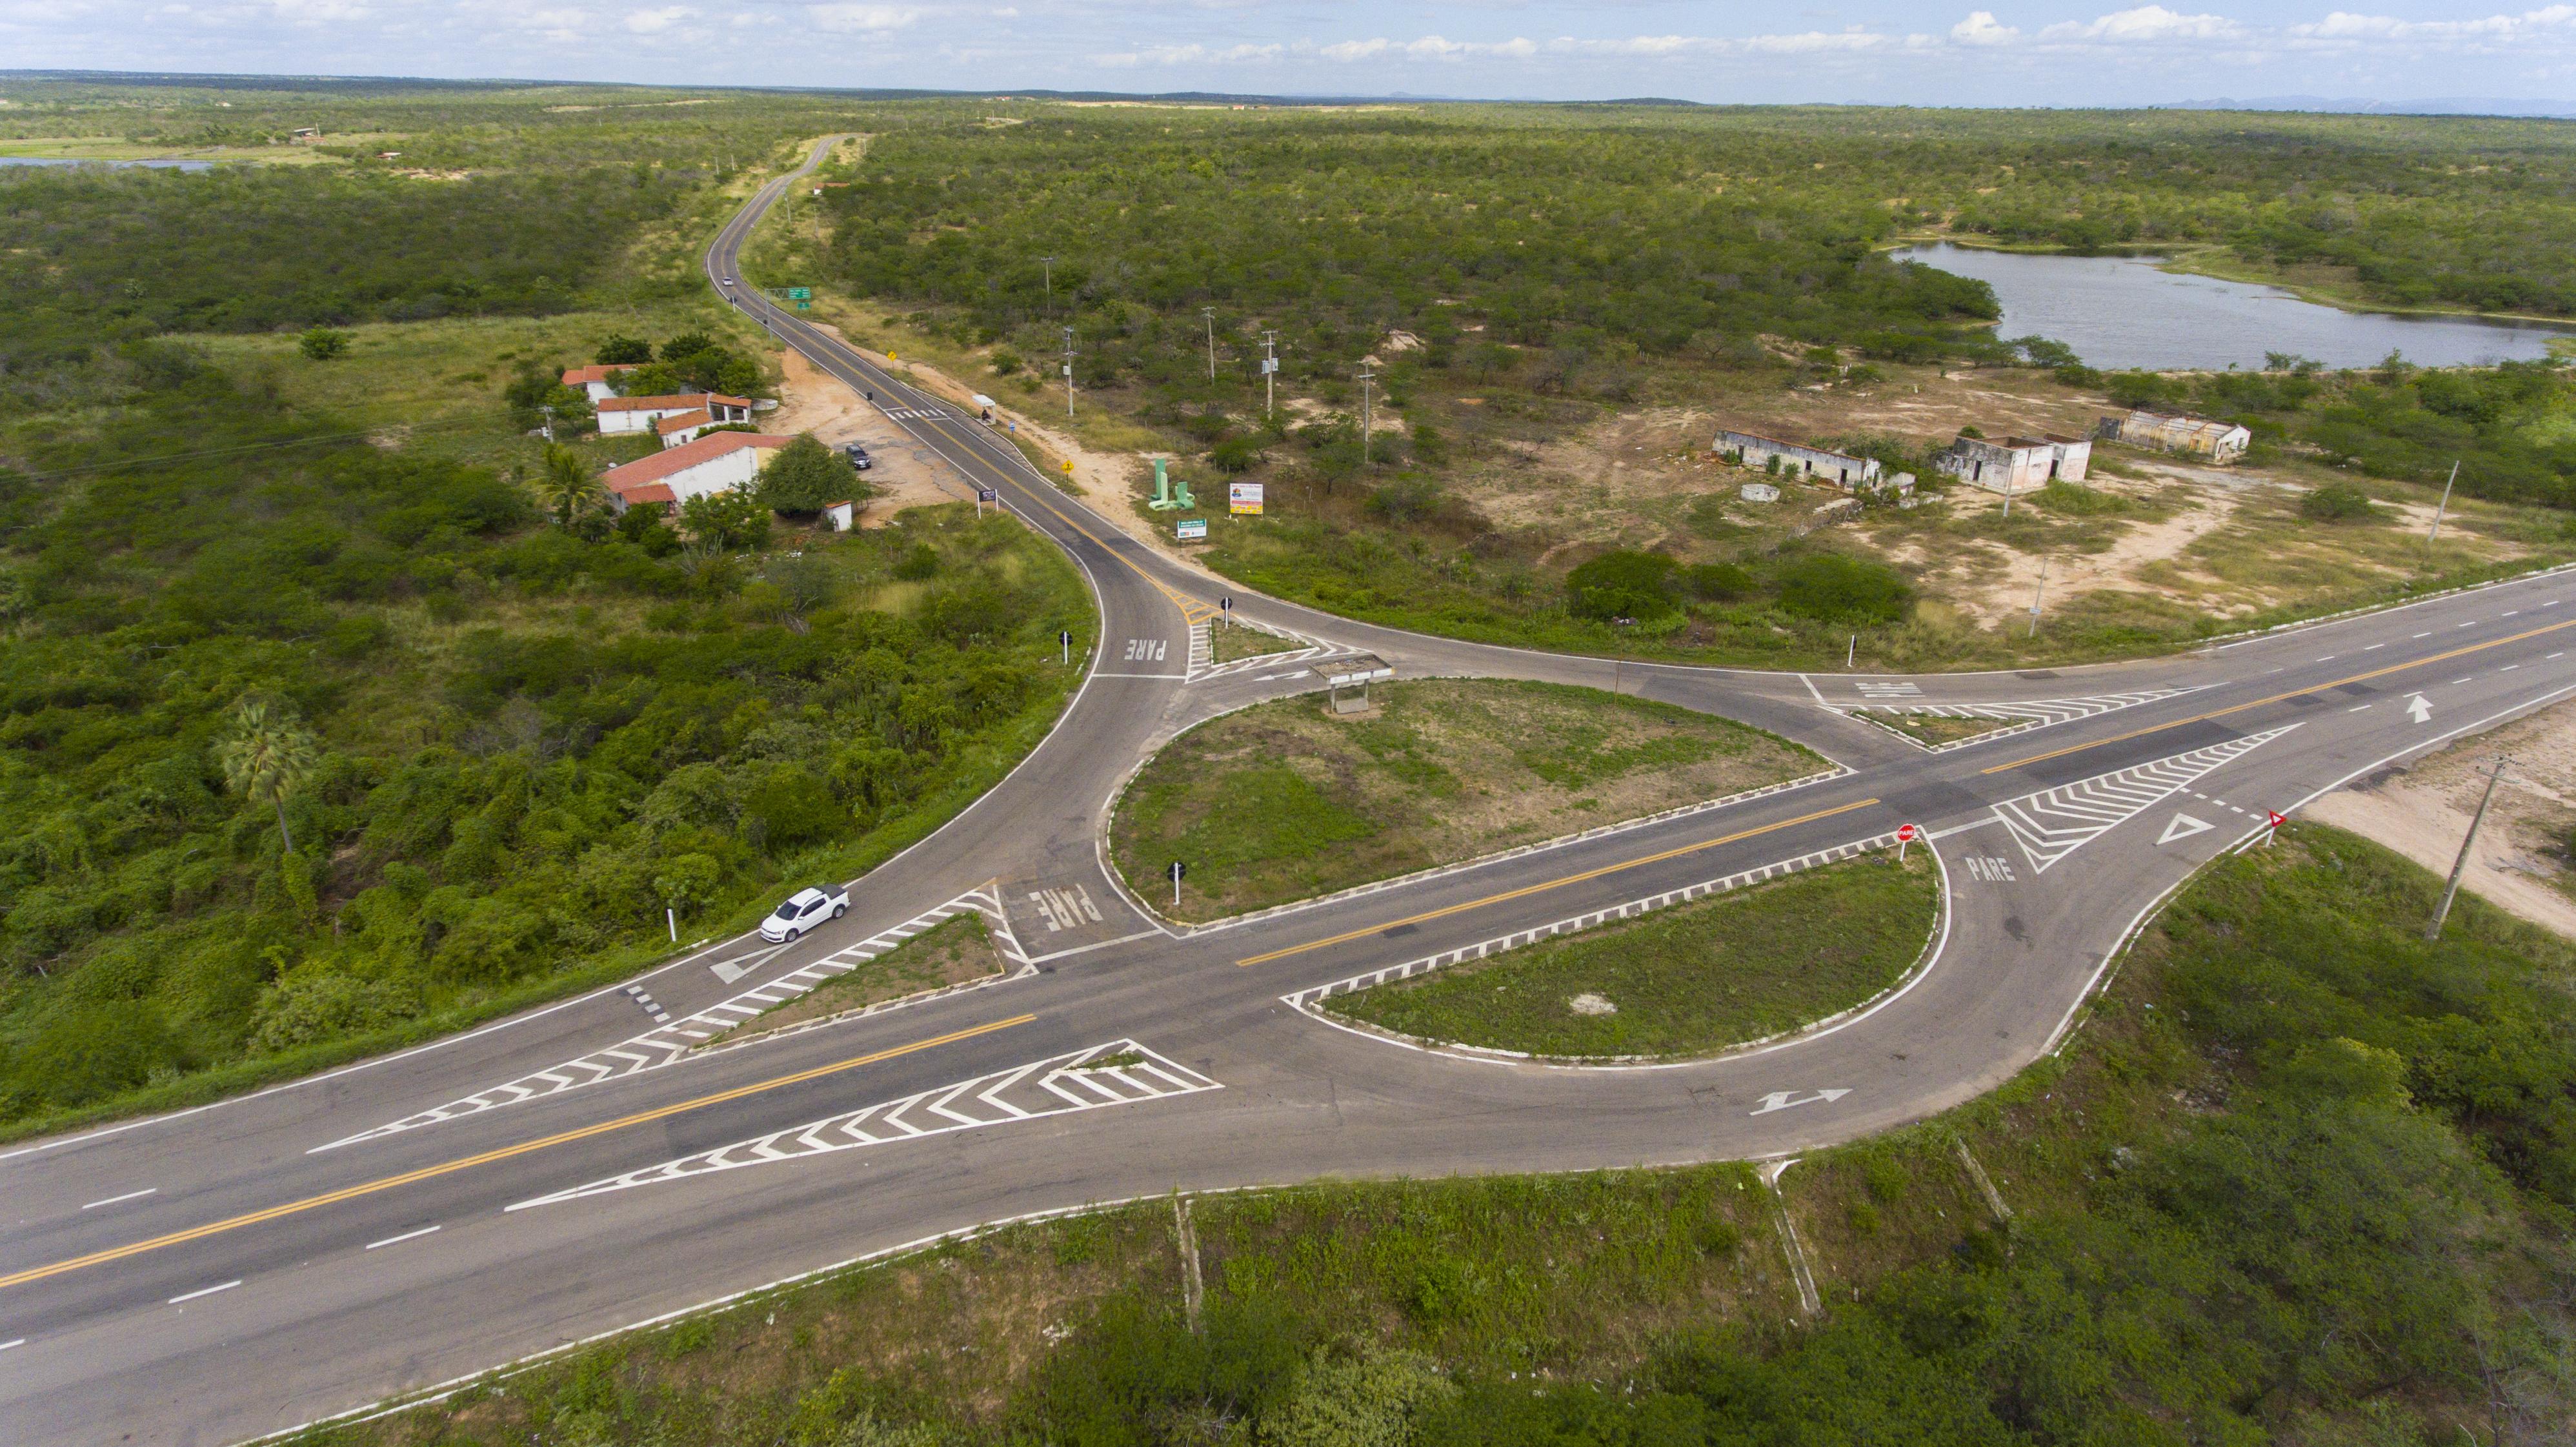 DER analisa pesquisa da CNT e reforça que 74% das estradas estaduais estão em boas condições de tráfego